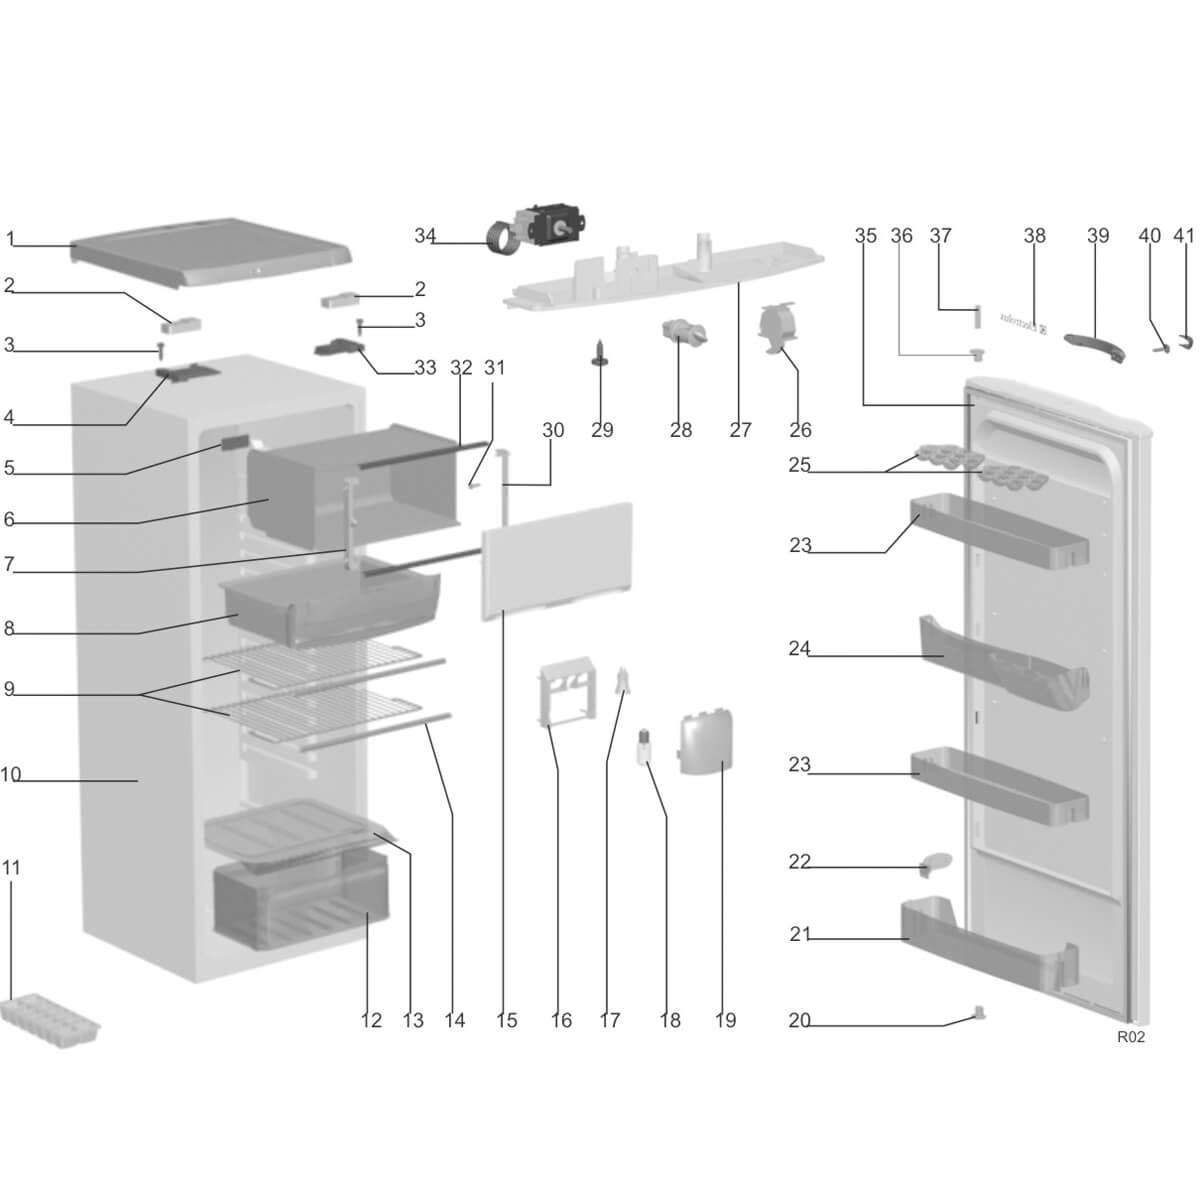 Capa Do Puxador Para Refrigerador Electrolux DF34R DF34G WRD345 DFW35 - 67492286